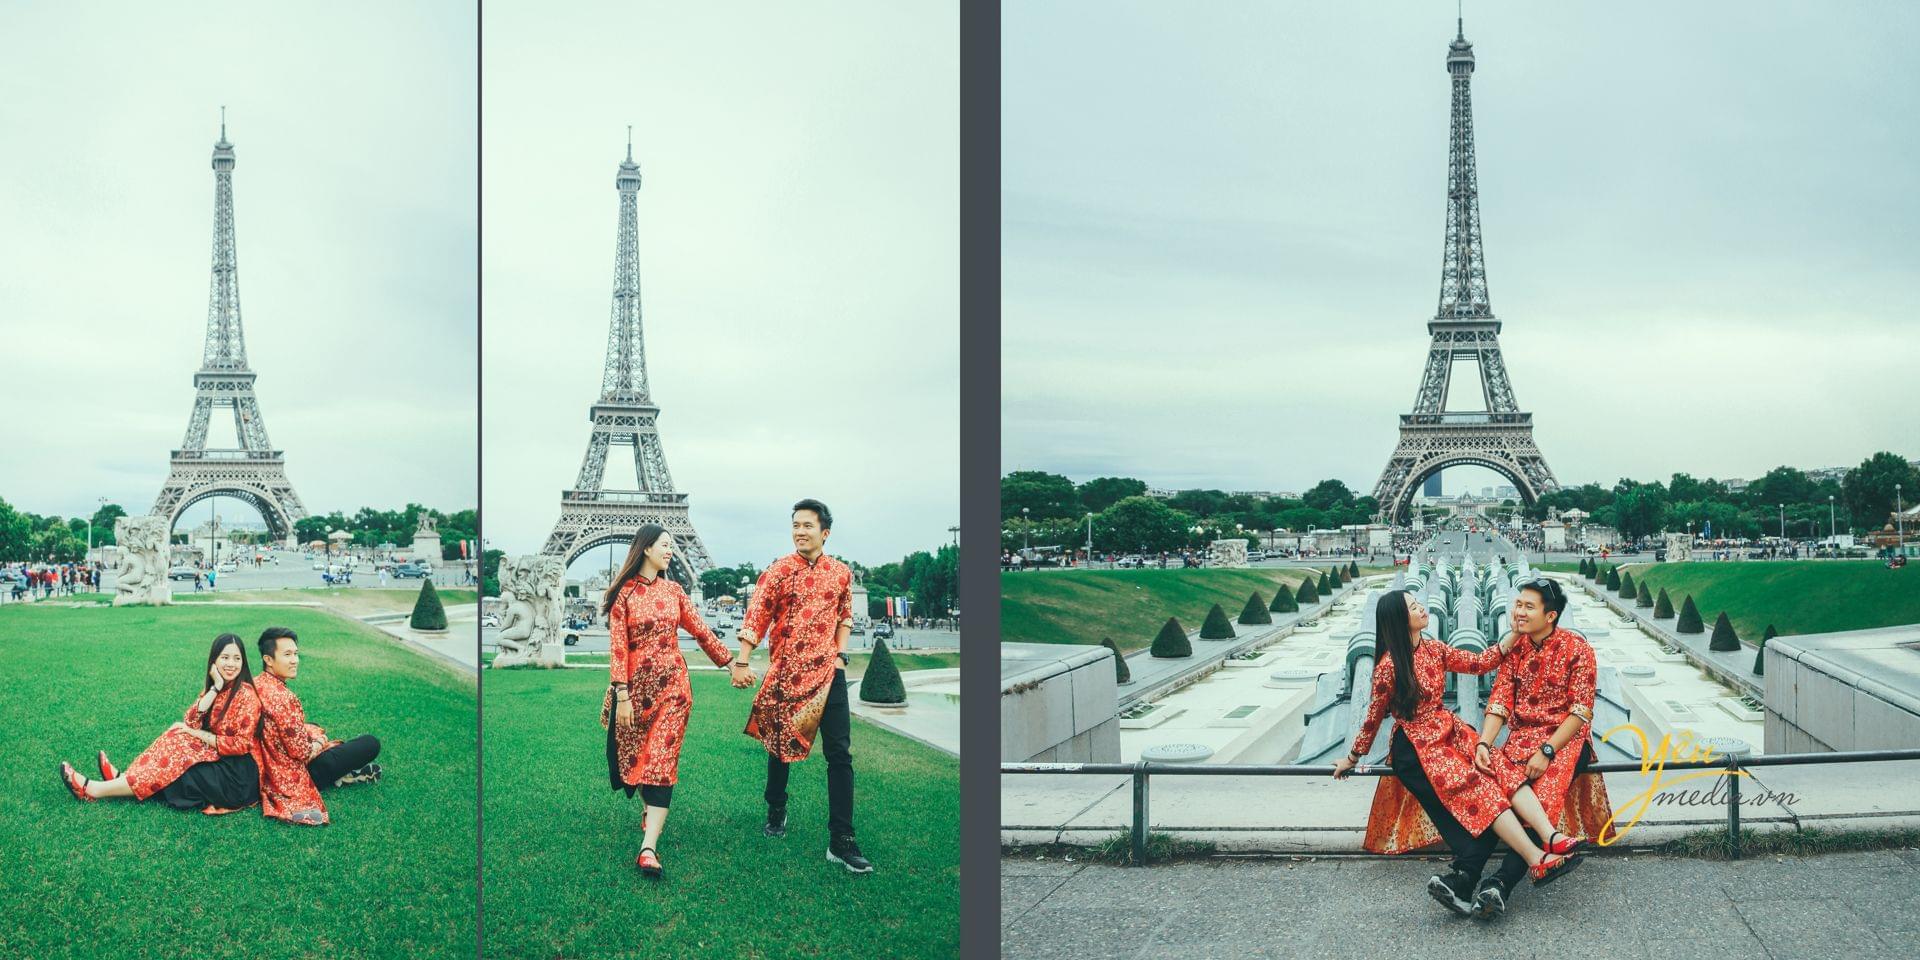 ảnh cưới ngoại cảnh chụp trước tháp eiffel